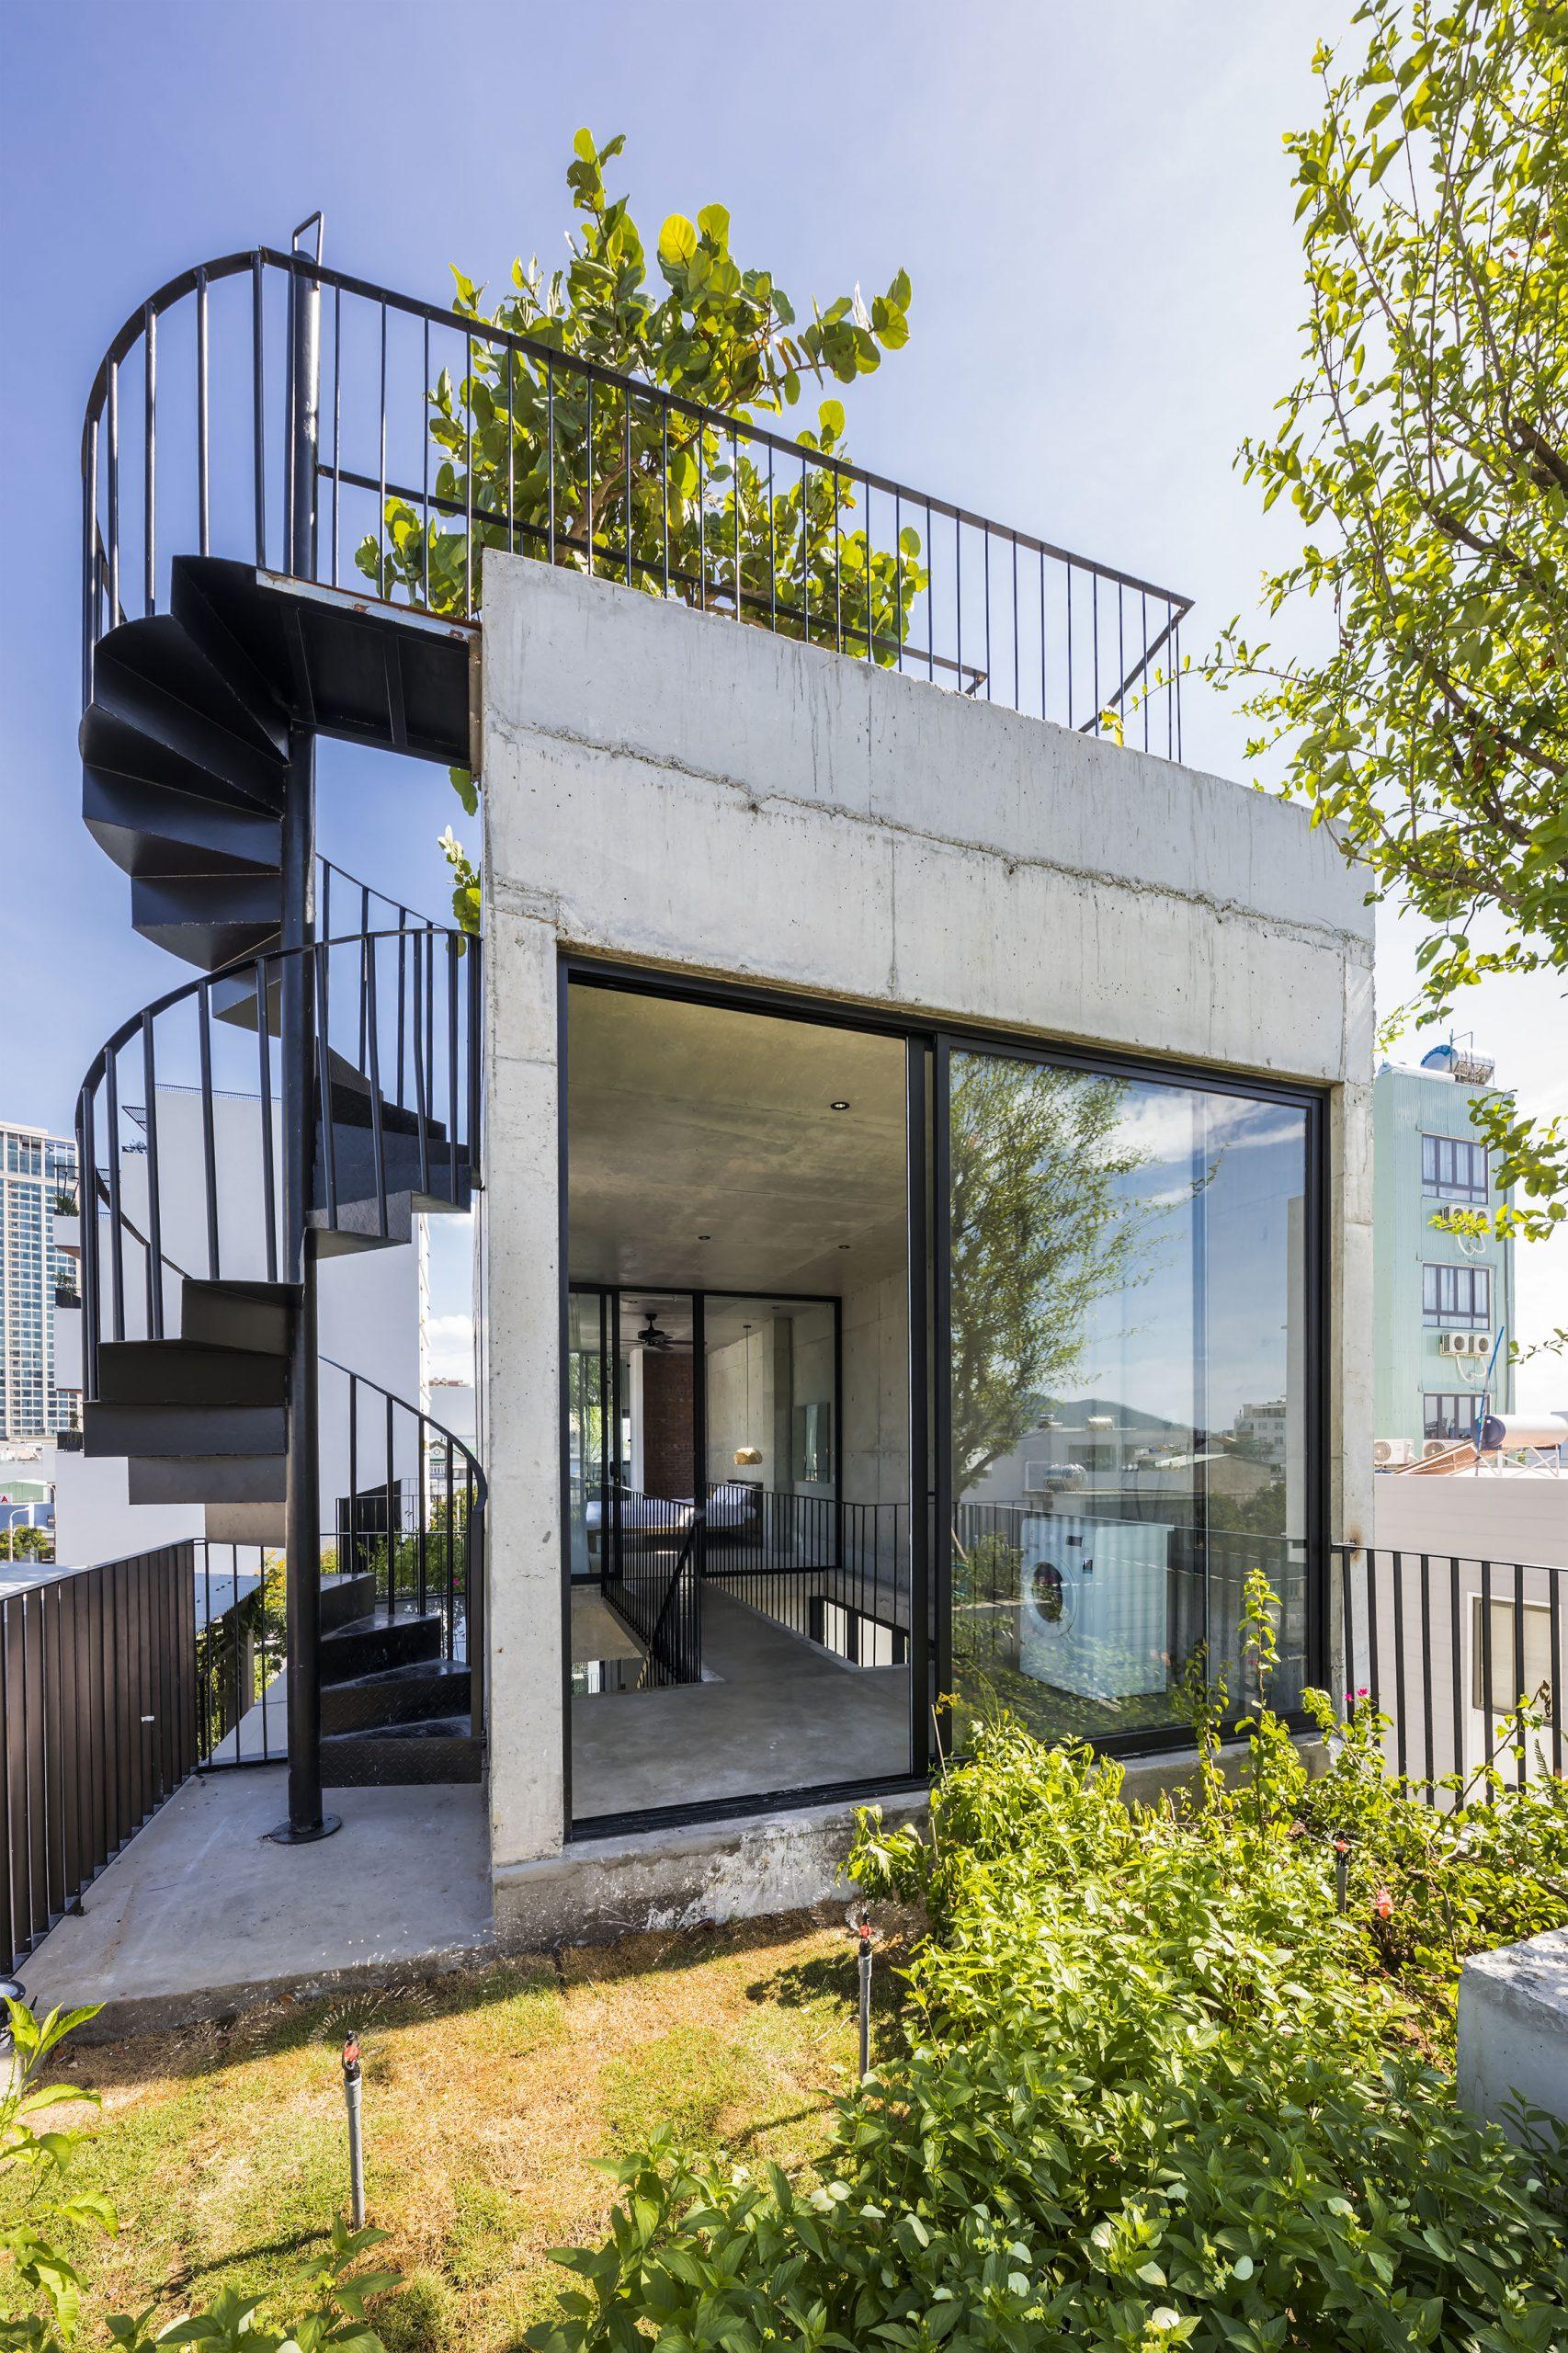 0807 scaled - The Concrete House 01 / Ho Khue Architects: Ngôi nhà 4 tầng với diện tích lô 5m x 16m